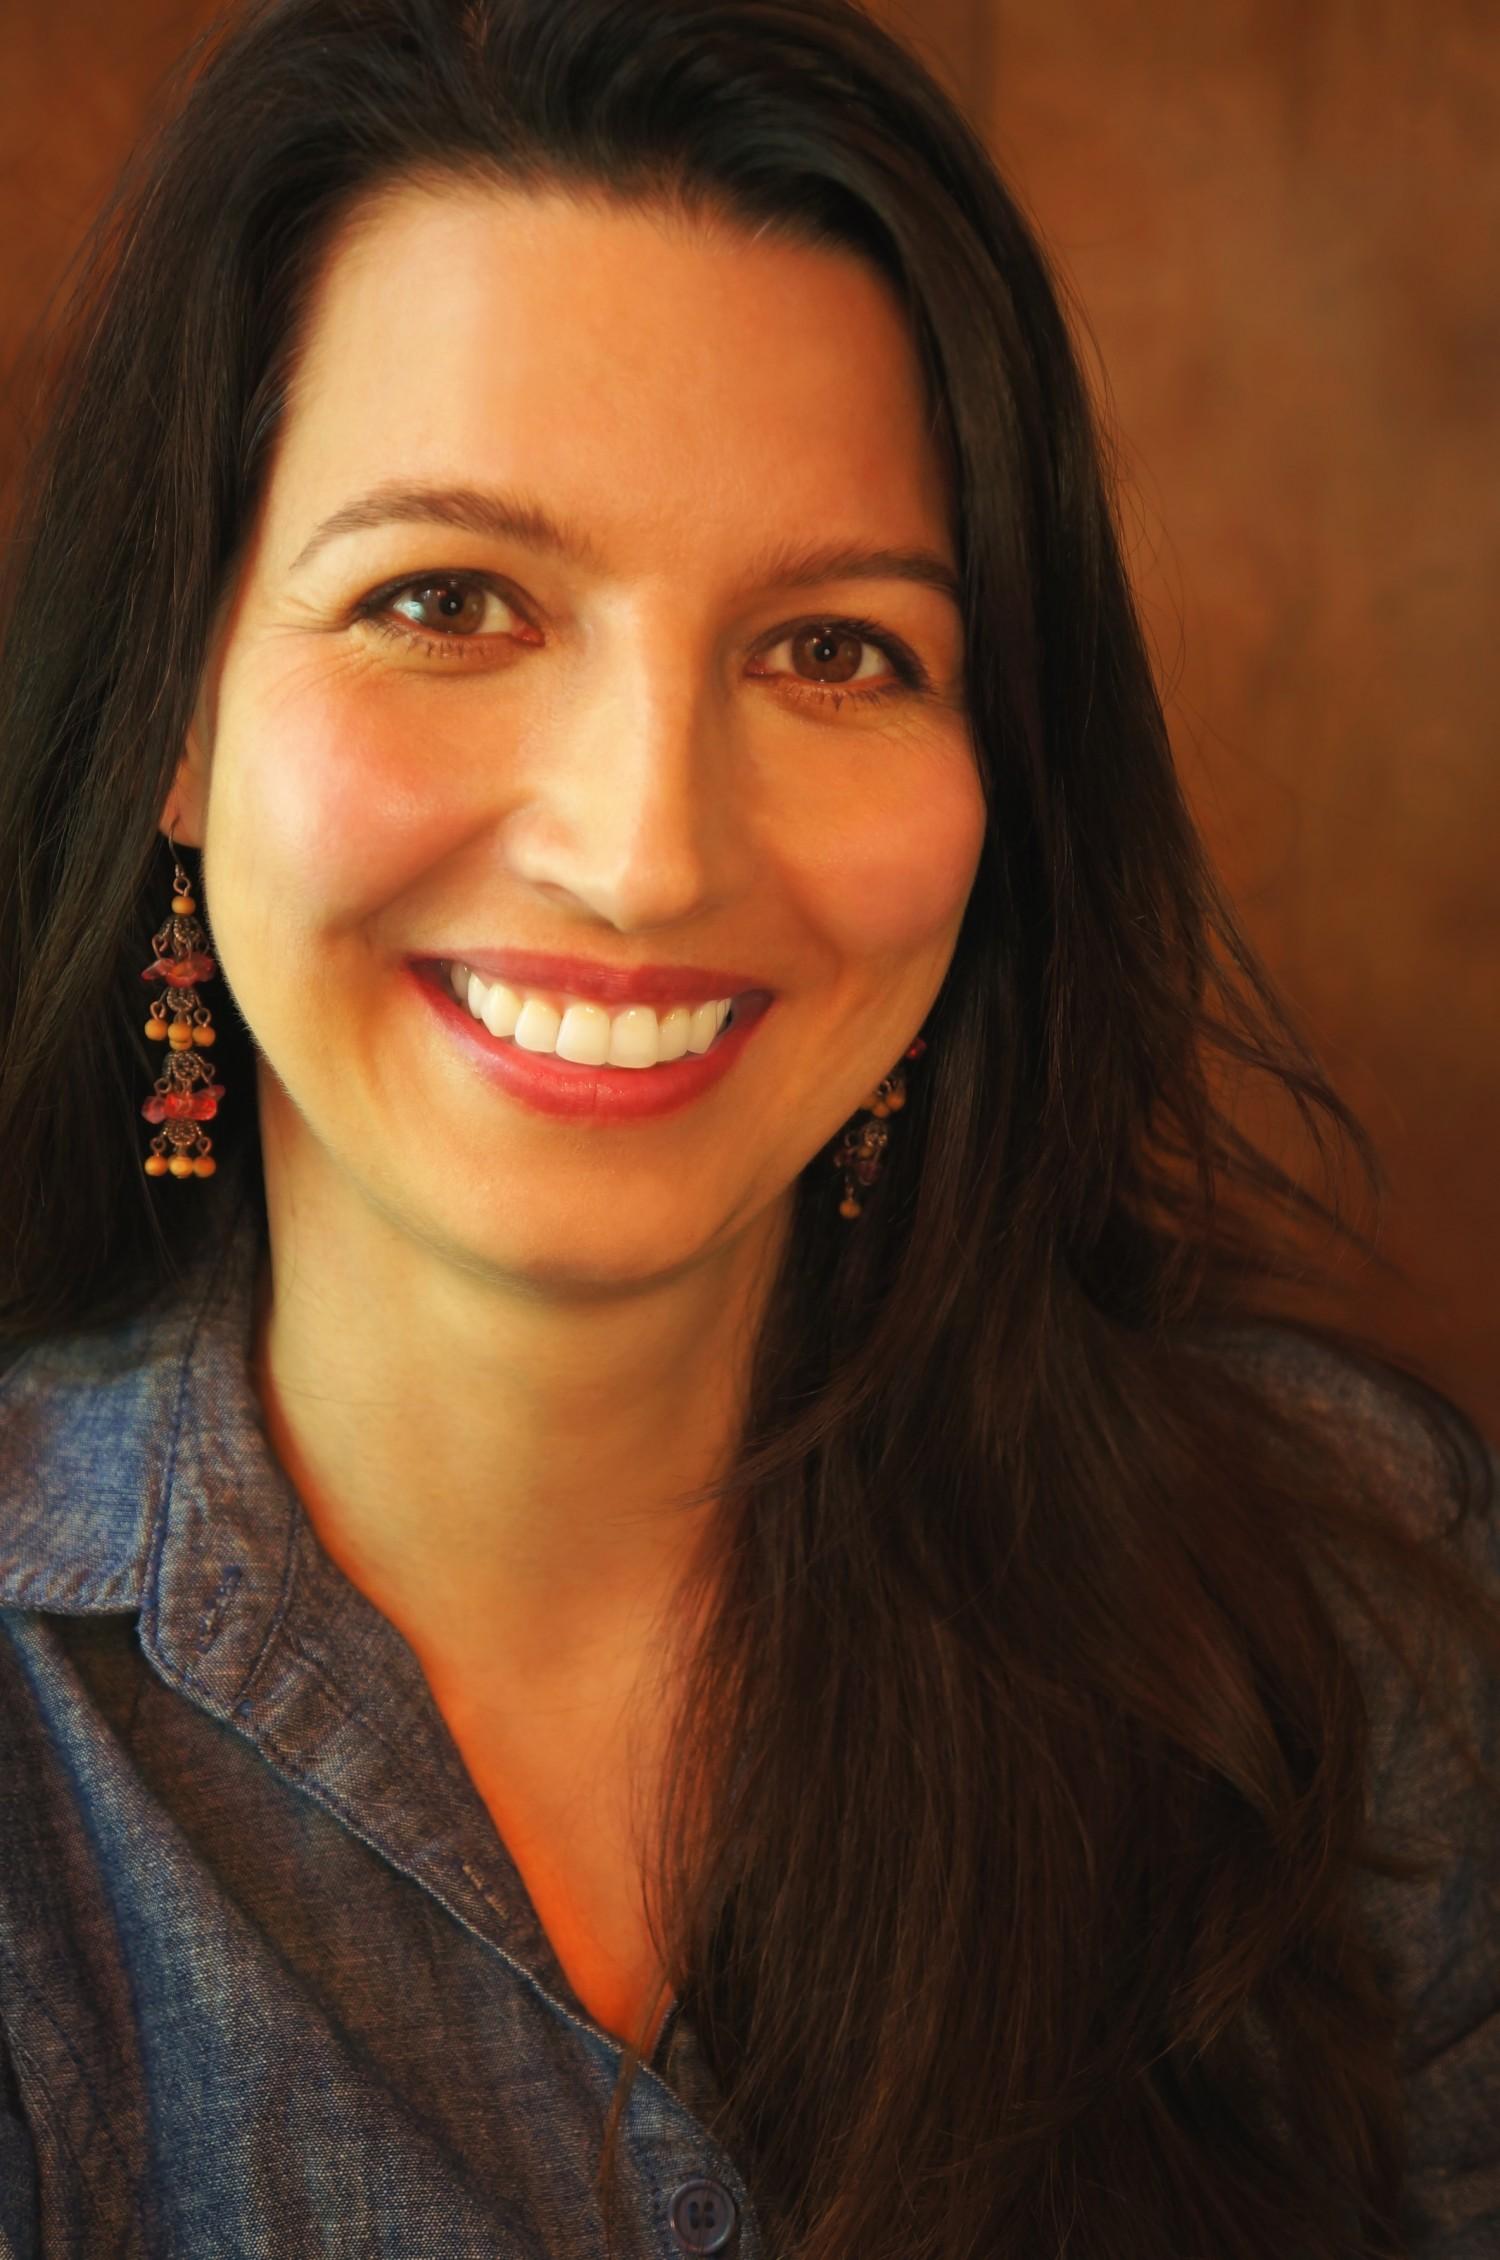 Mandy B. Esch, Ph.D.